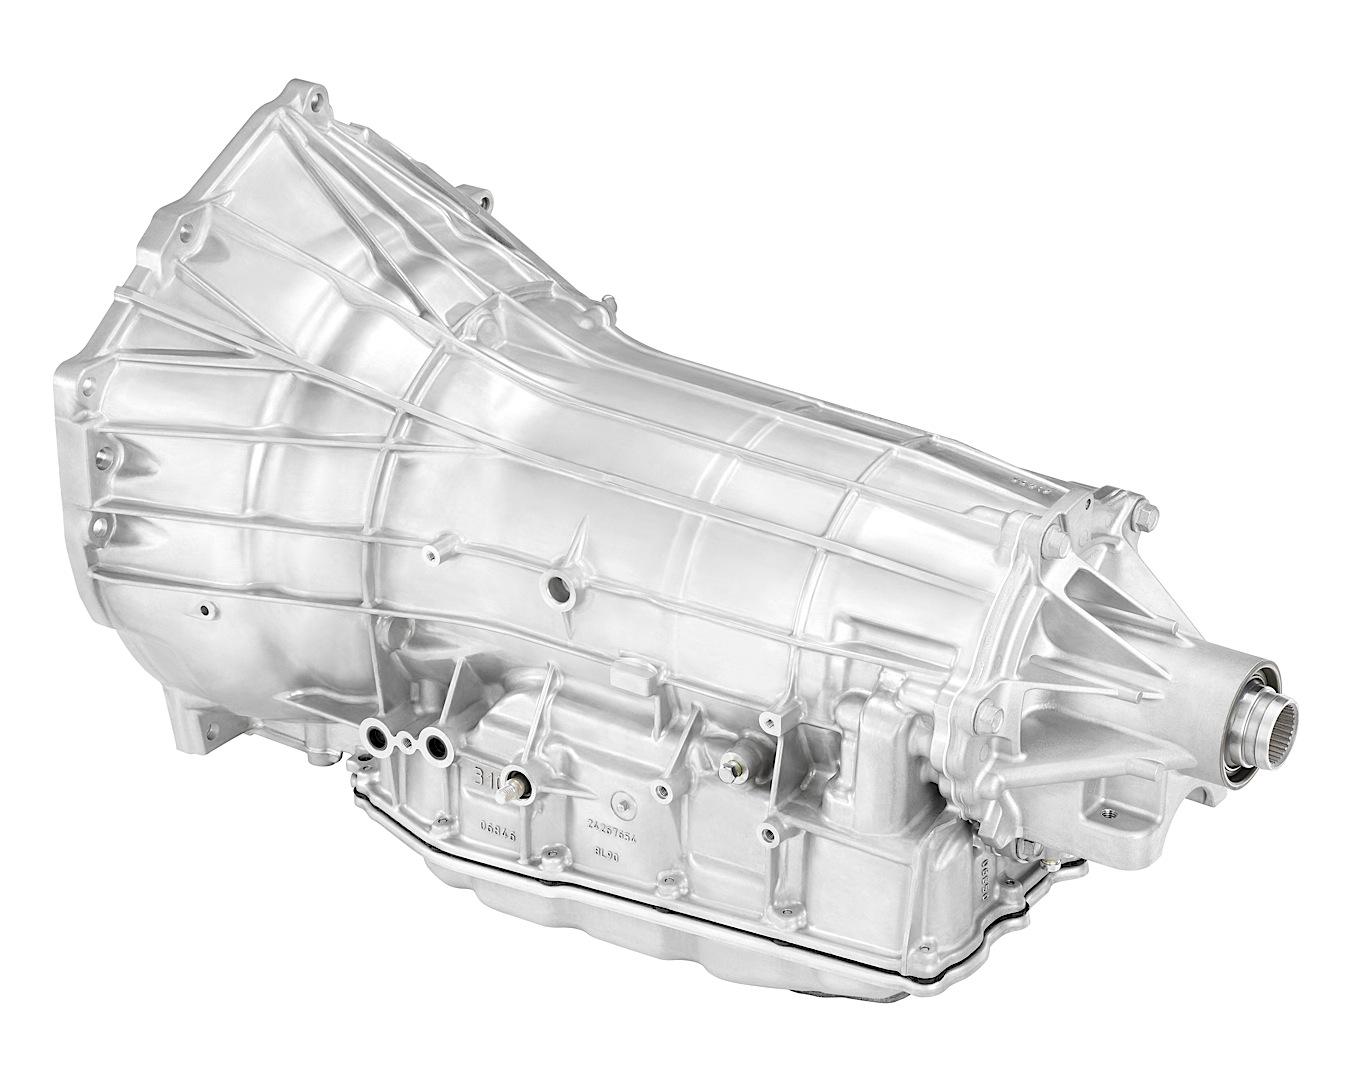 8l90 Automatic Improves The 2015 Chevrolet Corvette S